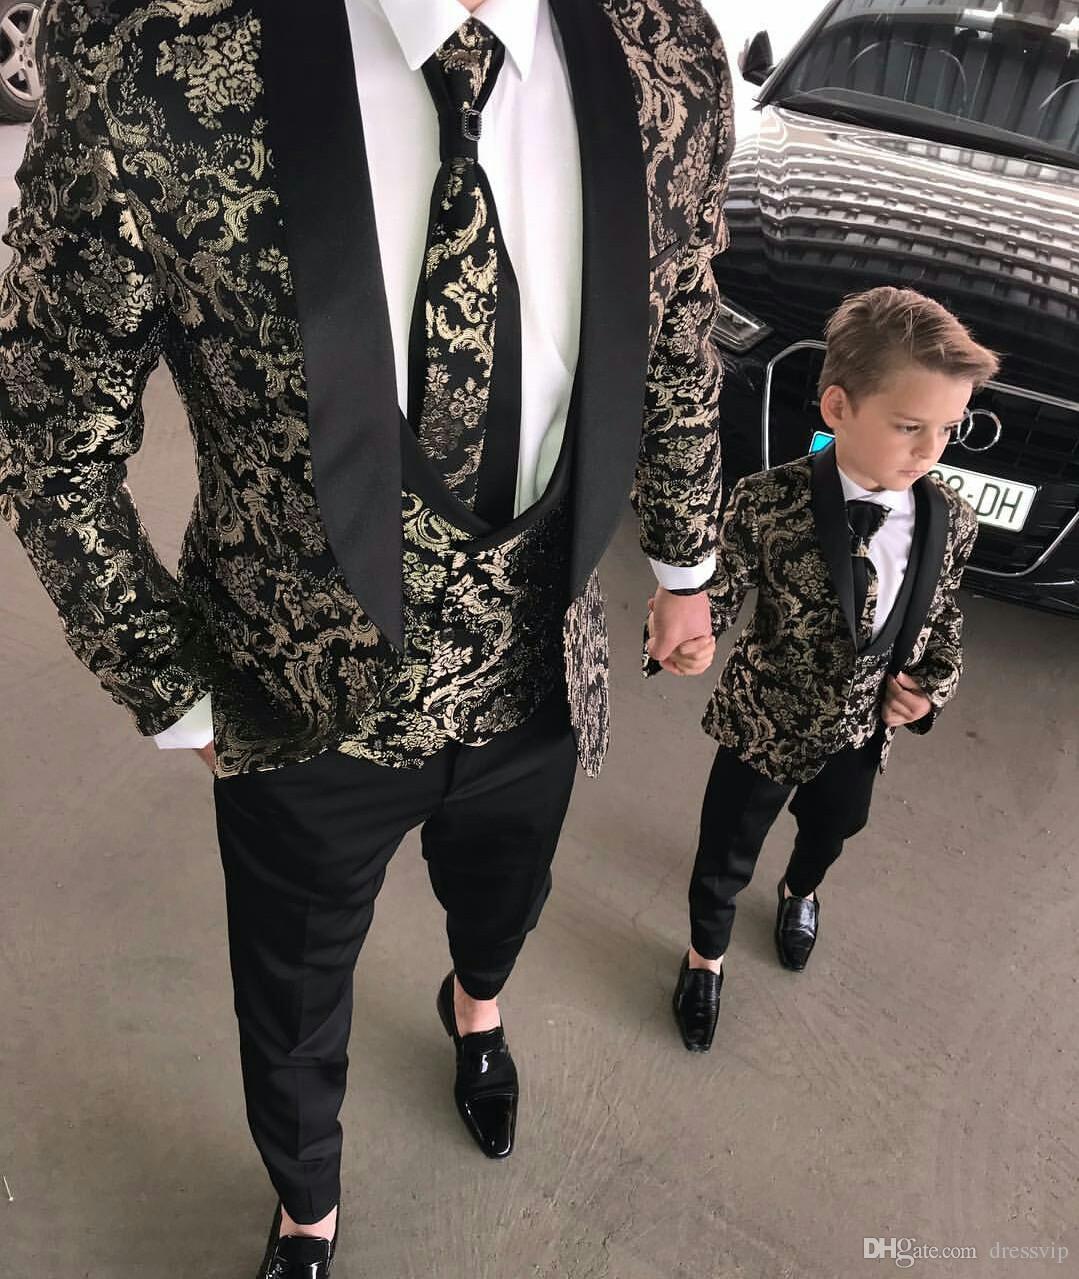 2019 남성 정장 두 조각 비치 신랑 들러리 웨딩 턱시도 남성을위한 Paped Lapel 정장 댄스 파티 (Jacket + Pants) Little Boys 정장 착용